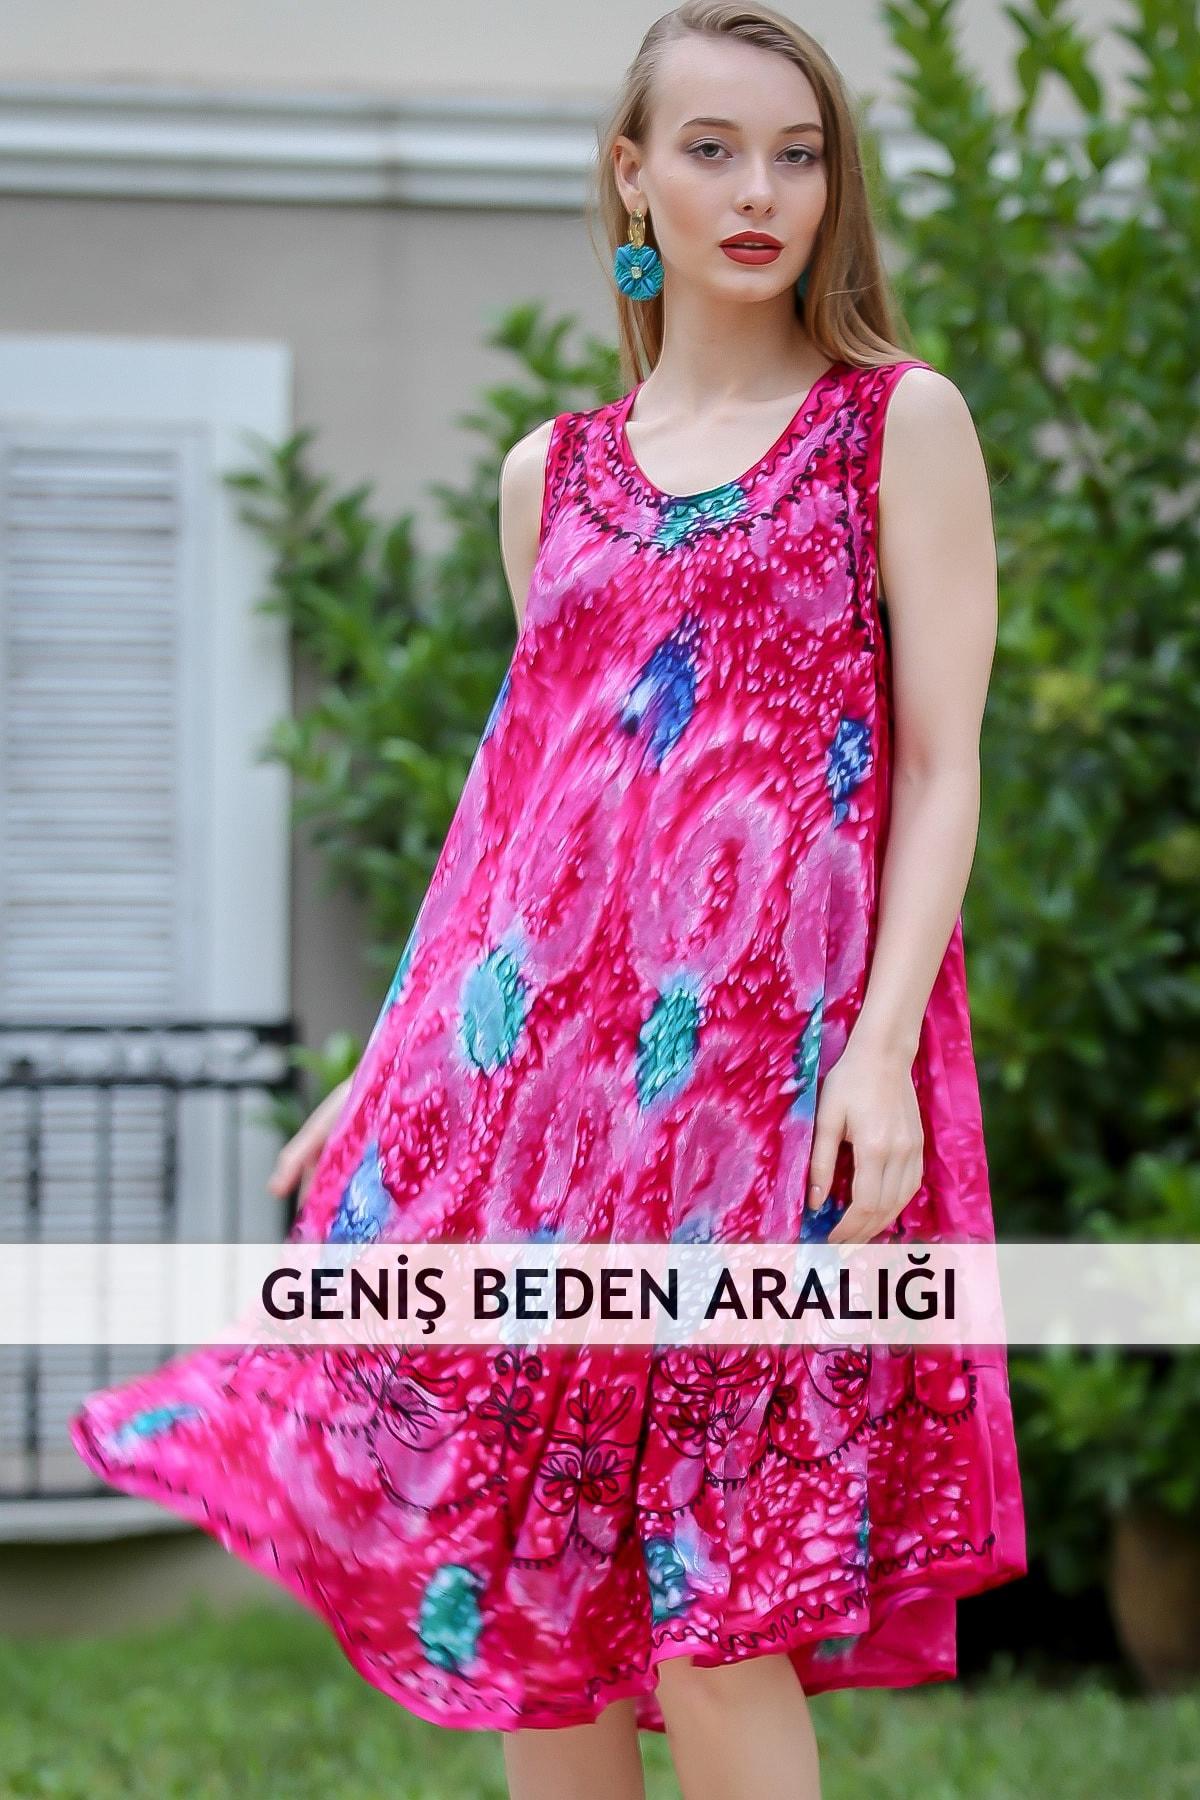 Chiccy Kadın Fuşya Bohem Nakış Detaylı Batik Desenli Kloş Elbise M10160000EL96678